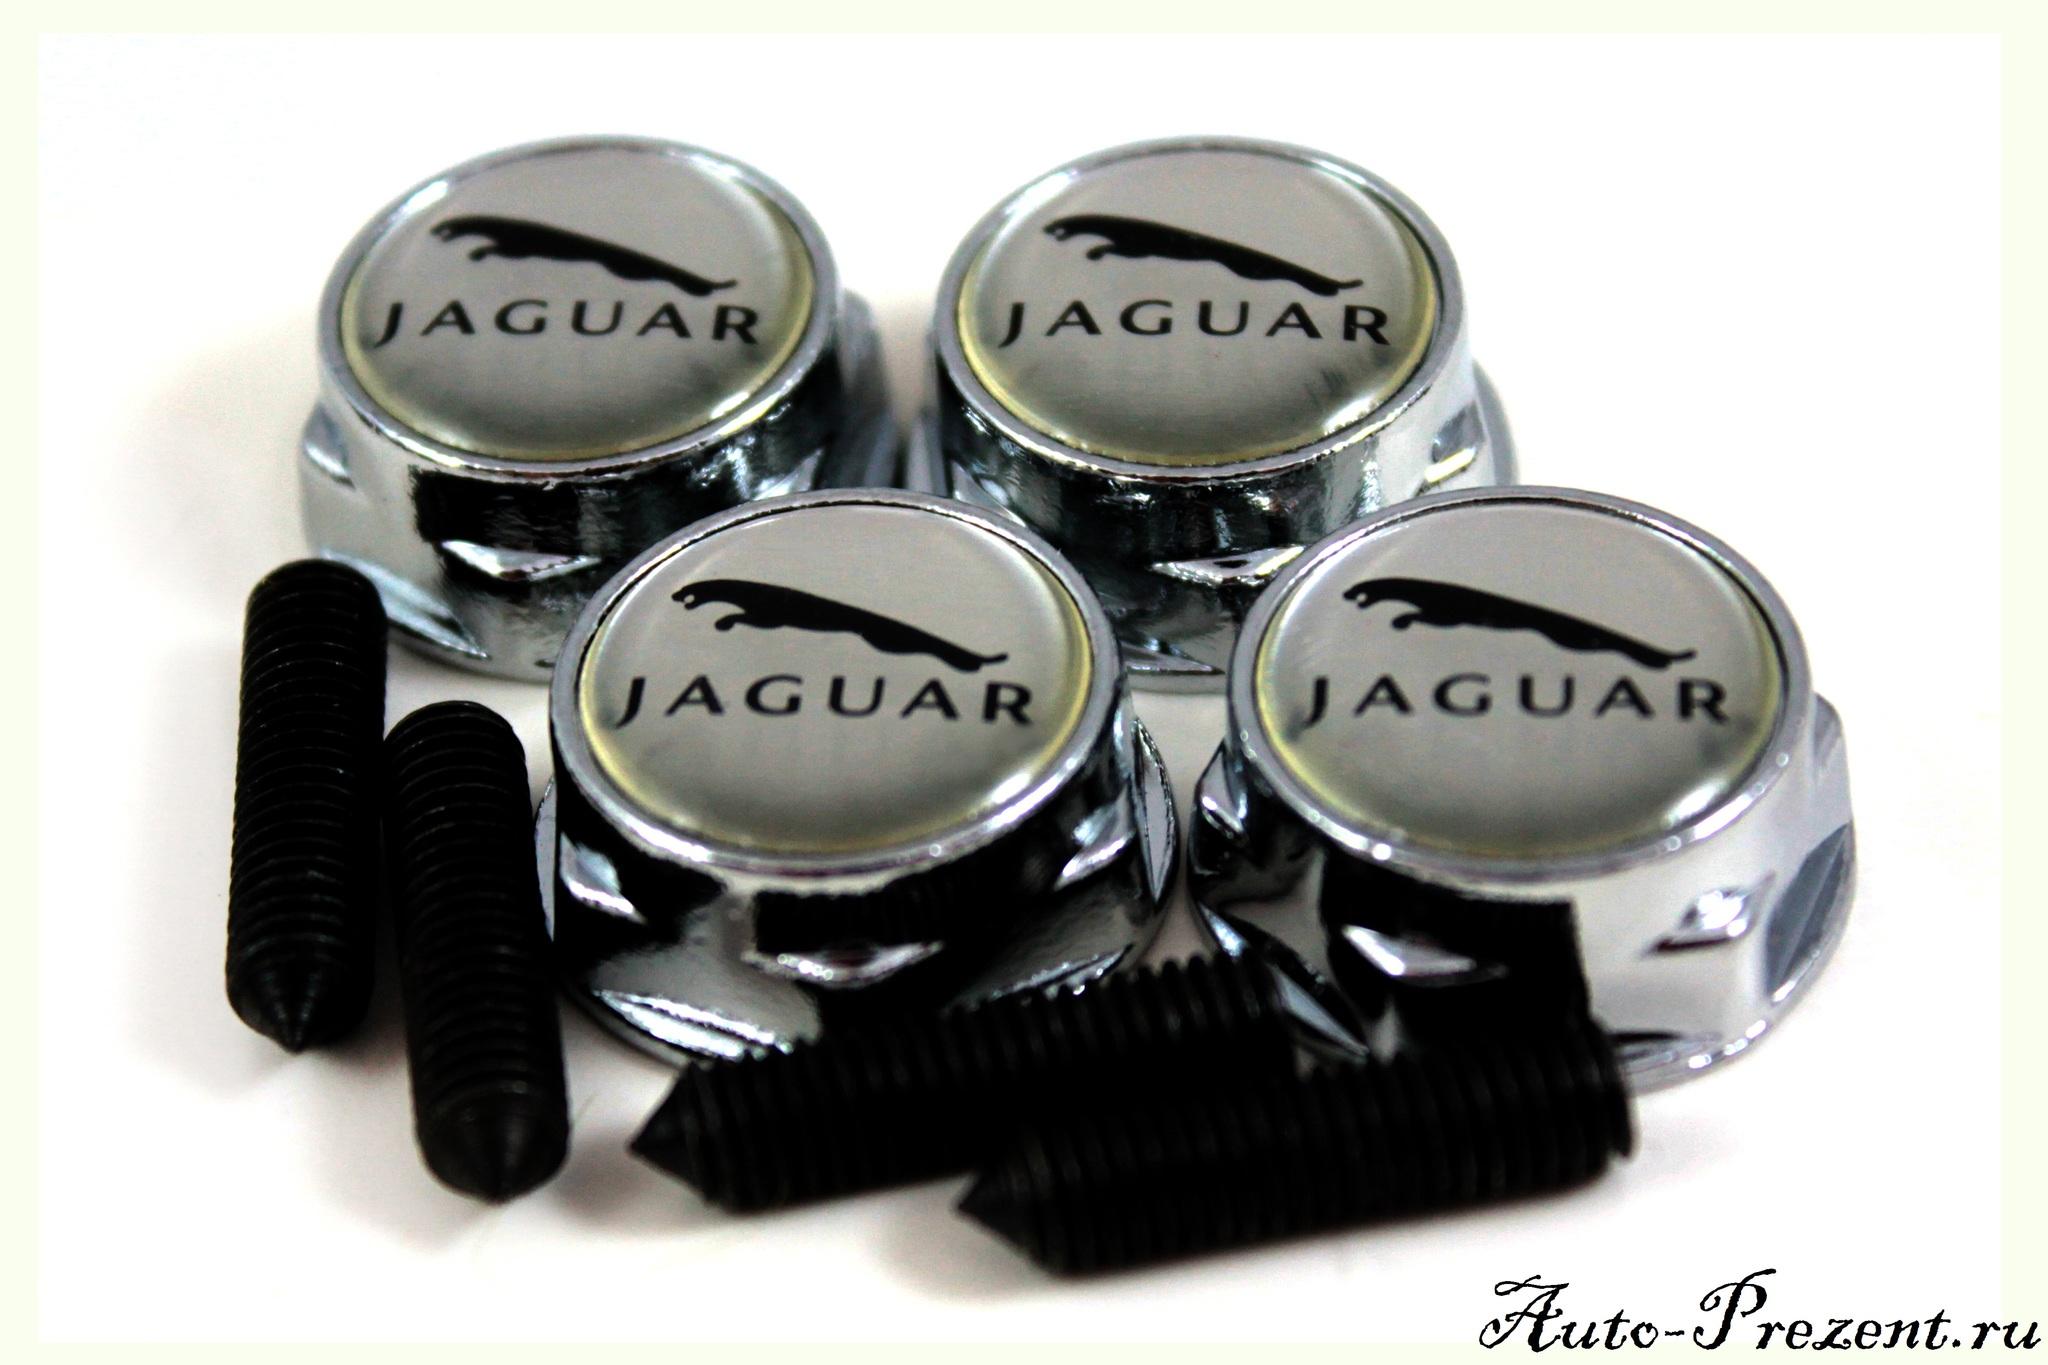 Болты для крепления госномера с логотипом JAGUAR